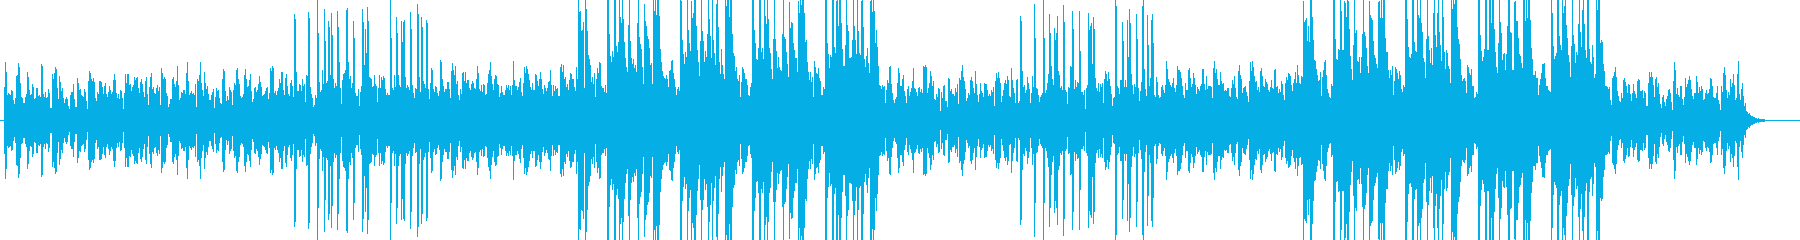 幻想的な雰囲気のあるチルトラップの再生済みの波形